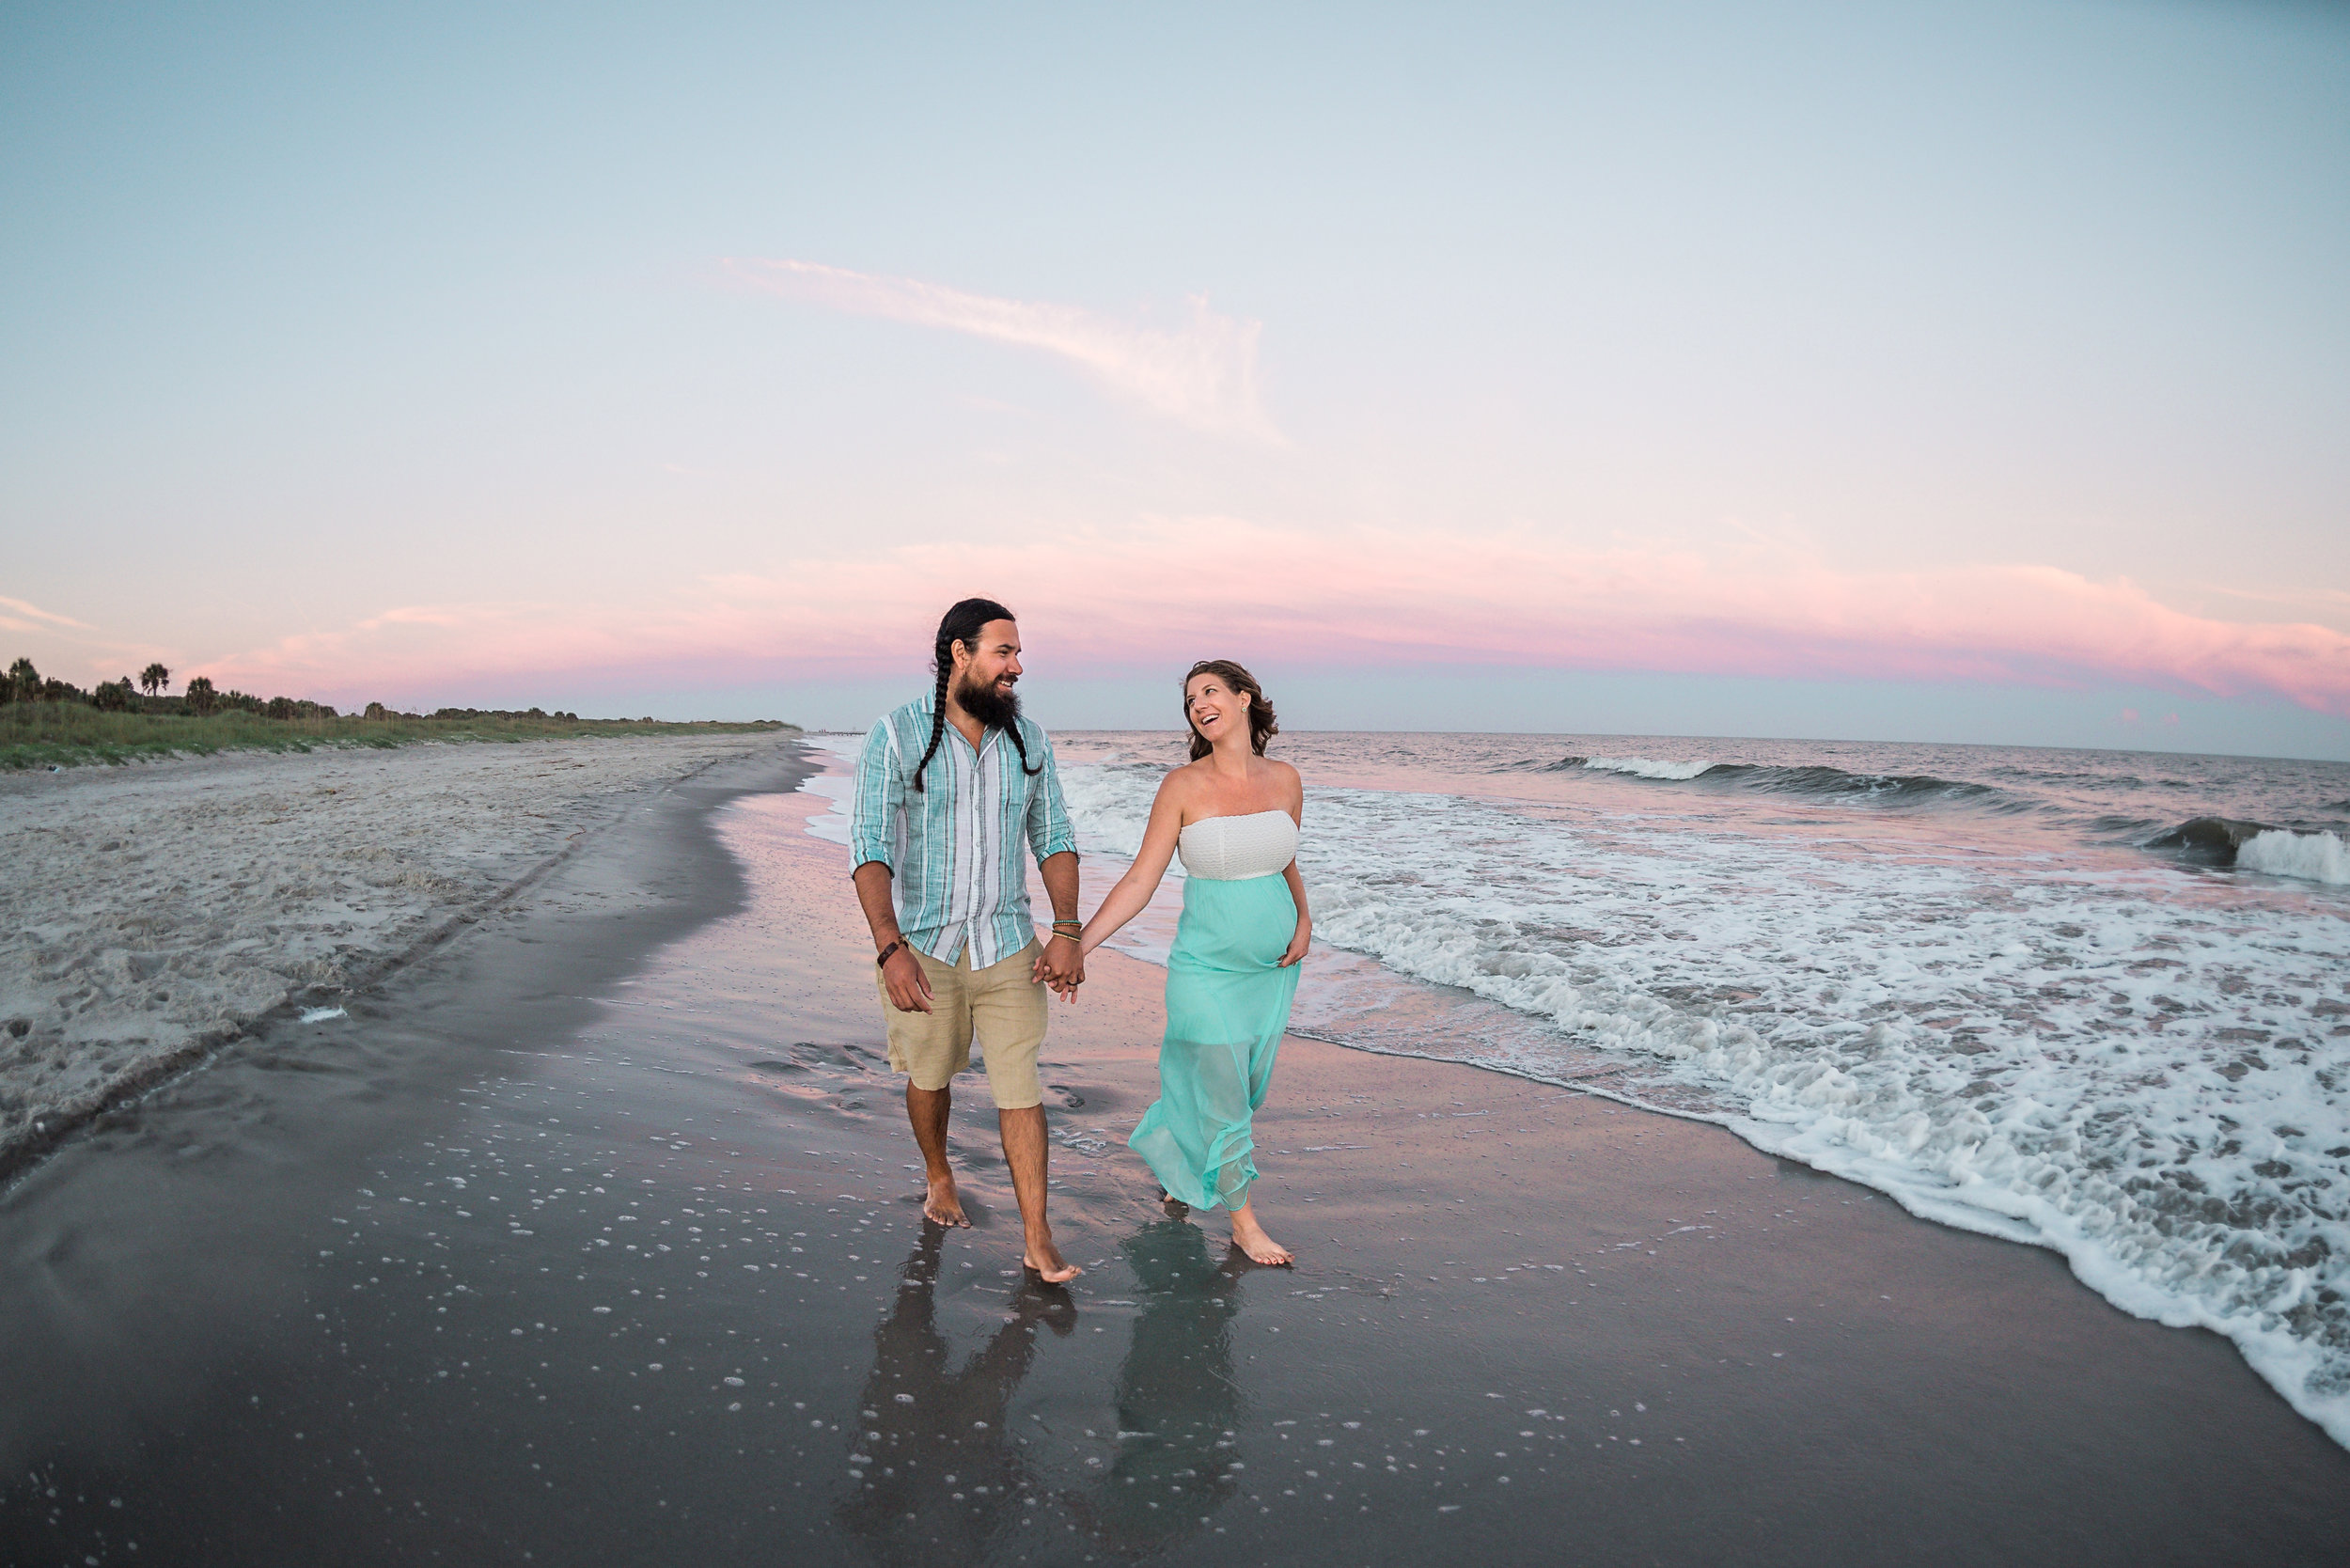 Folly-Beach-Maternity-Photographer-Following-Seas-Photography-2951 copy.jpg